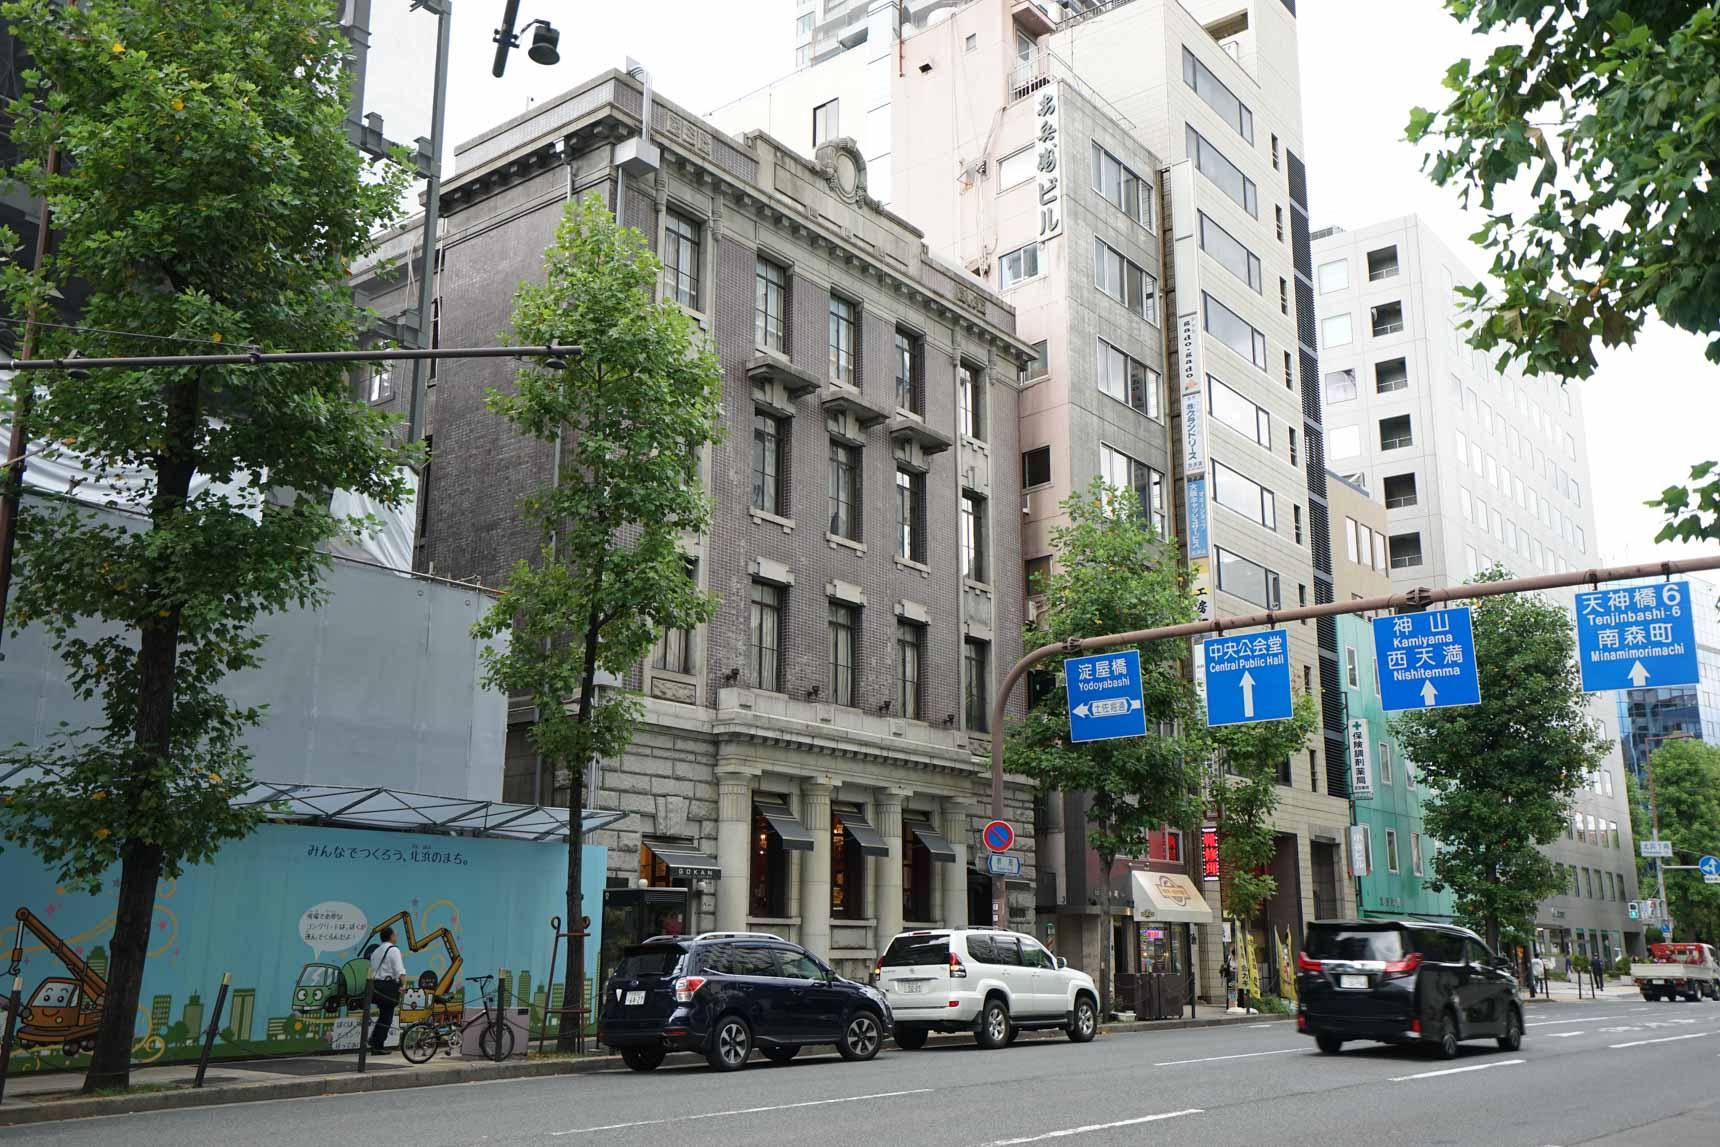 堺筋通りに面して建つ、風格のある建物。